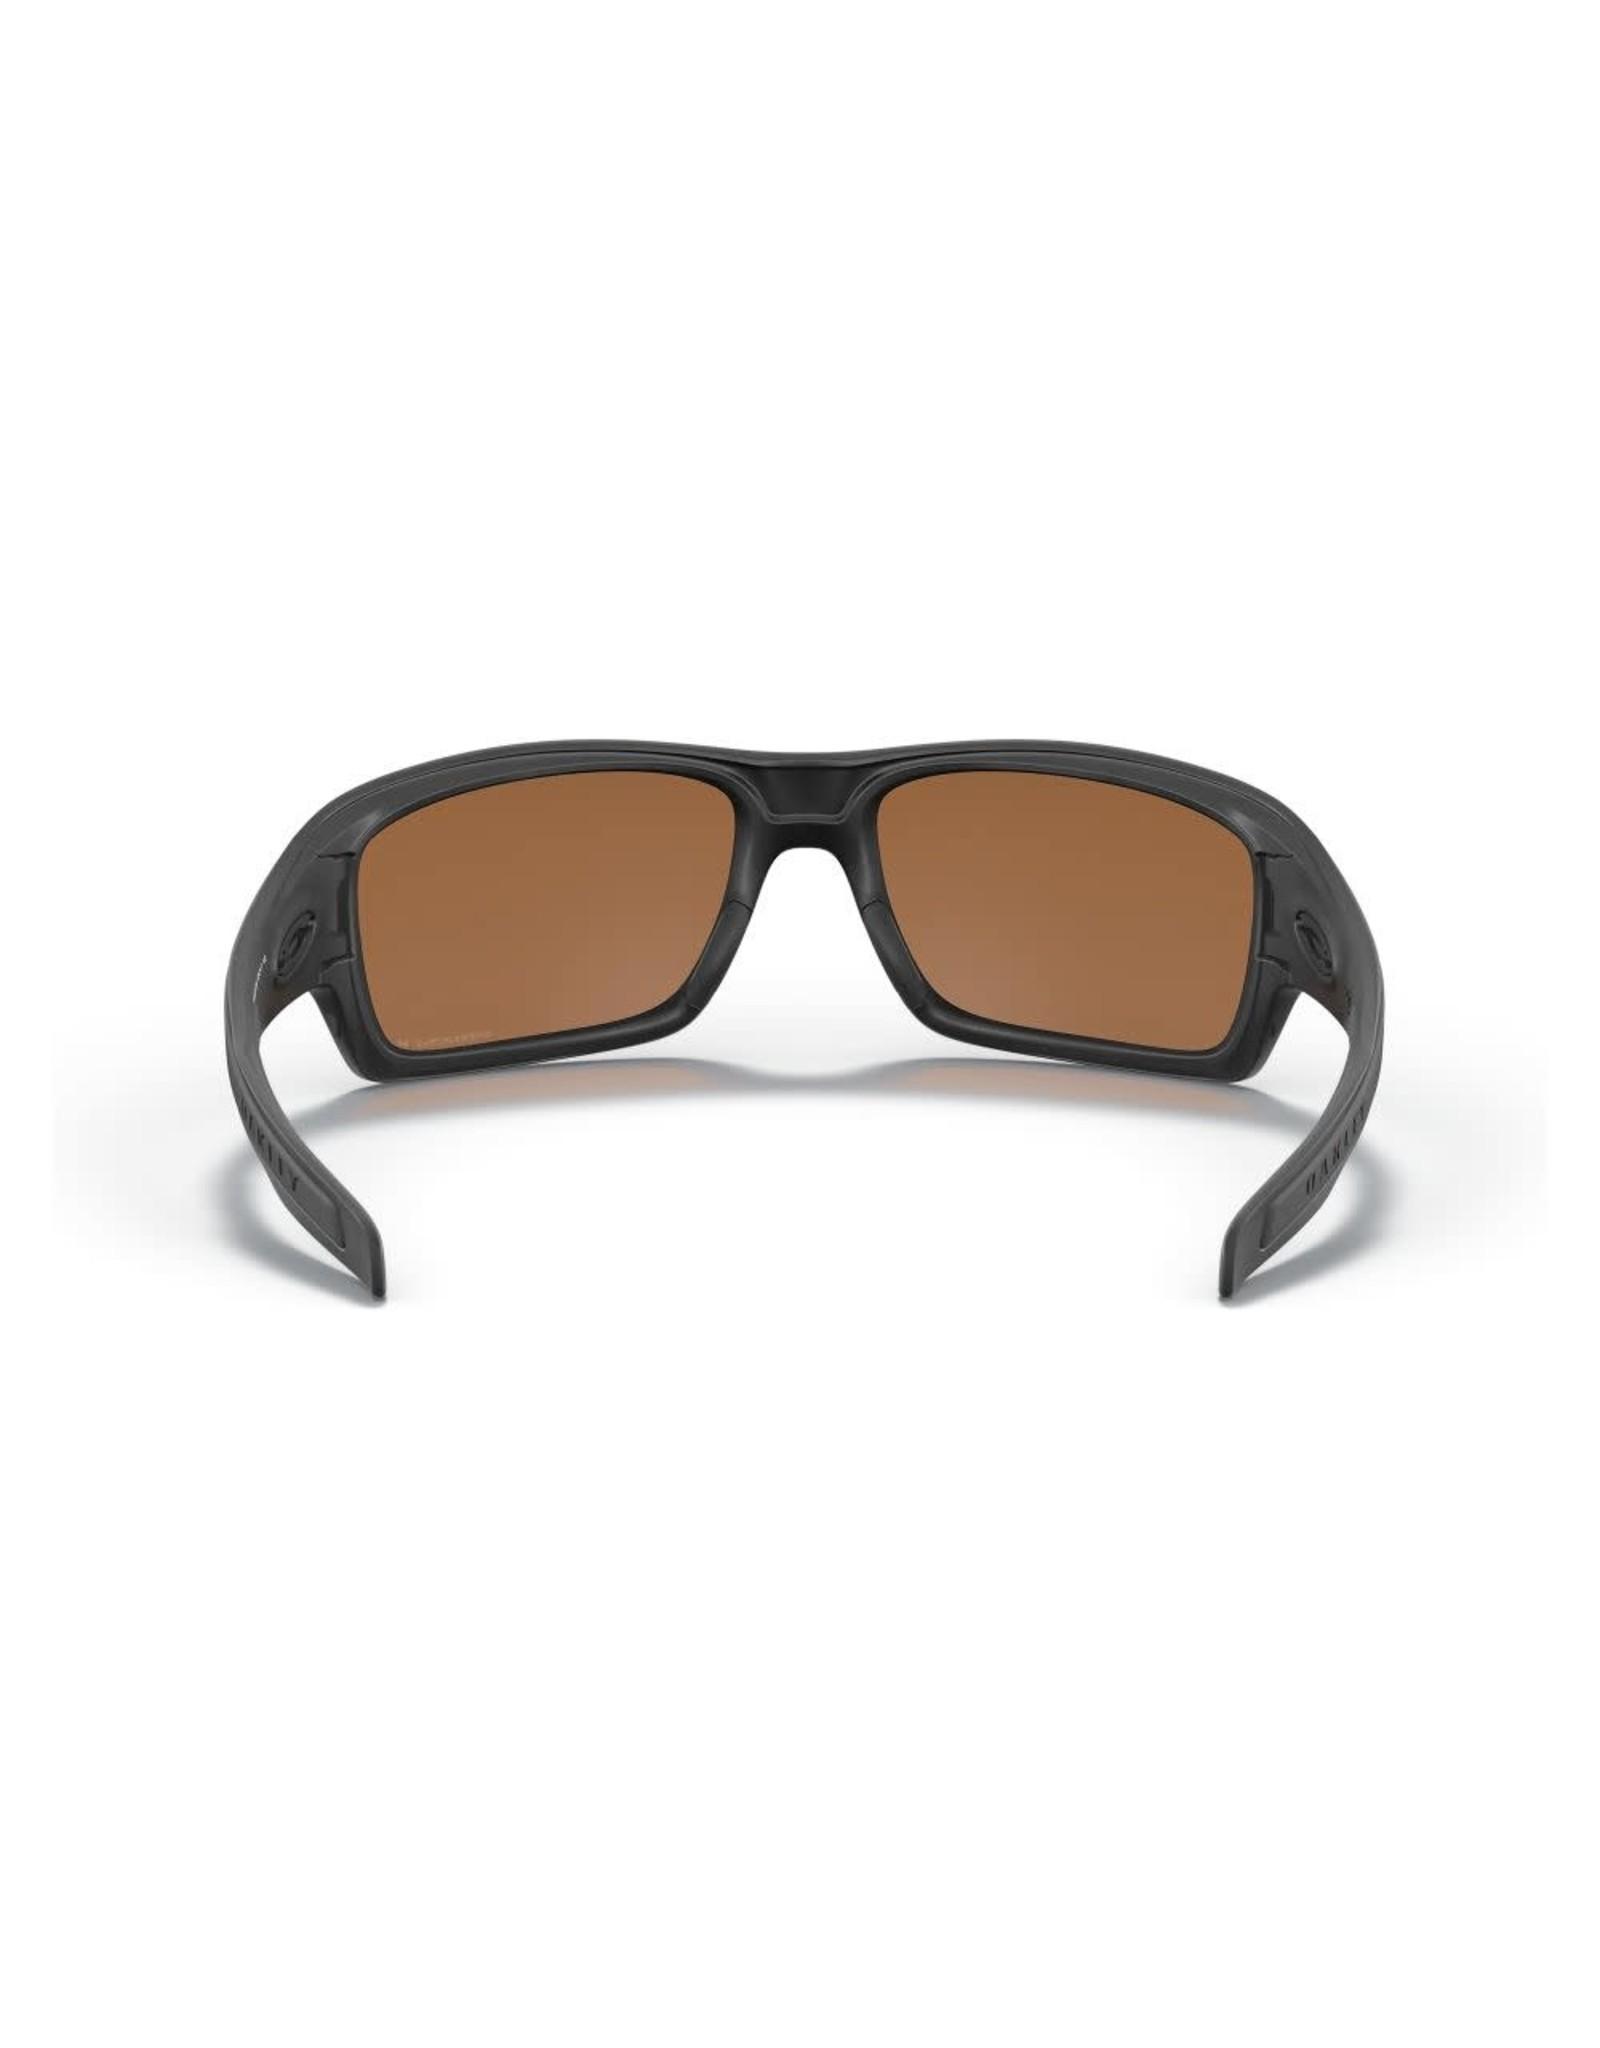 OAKLEY Oakley Turbine matte black prizm tungsten iridium polarized sunglasses